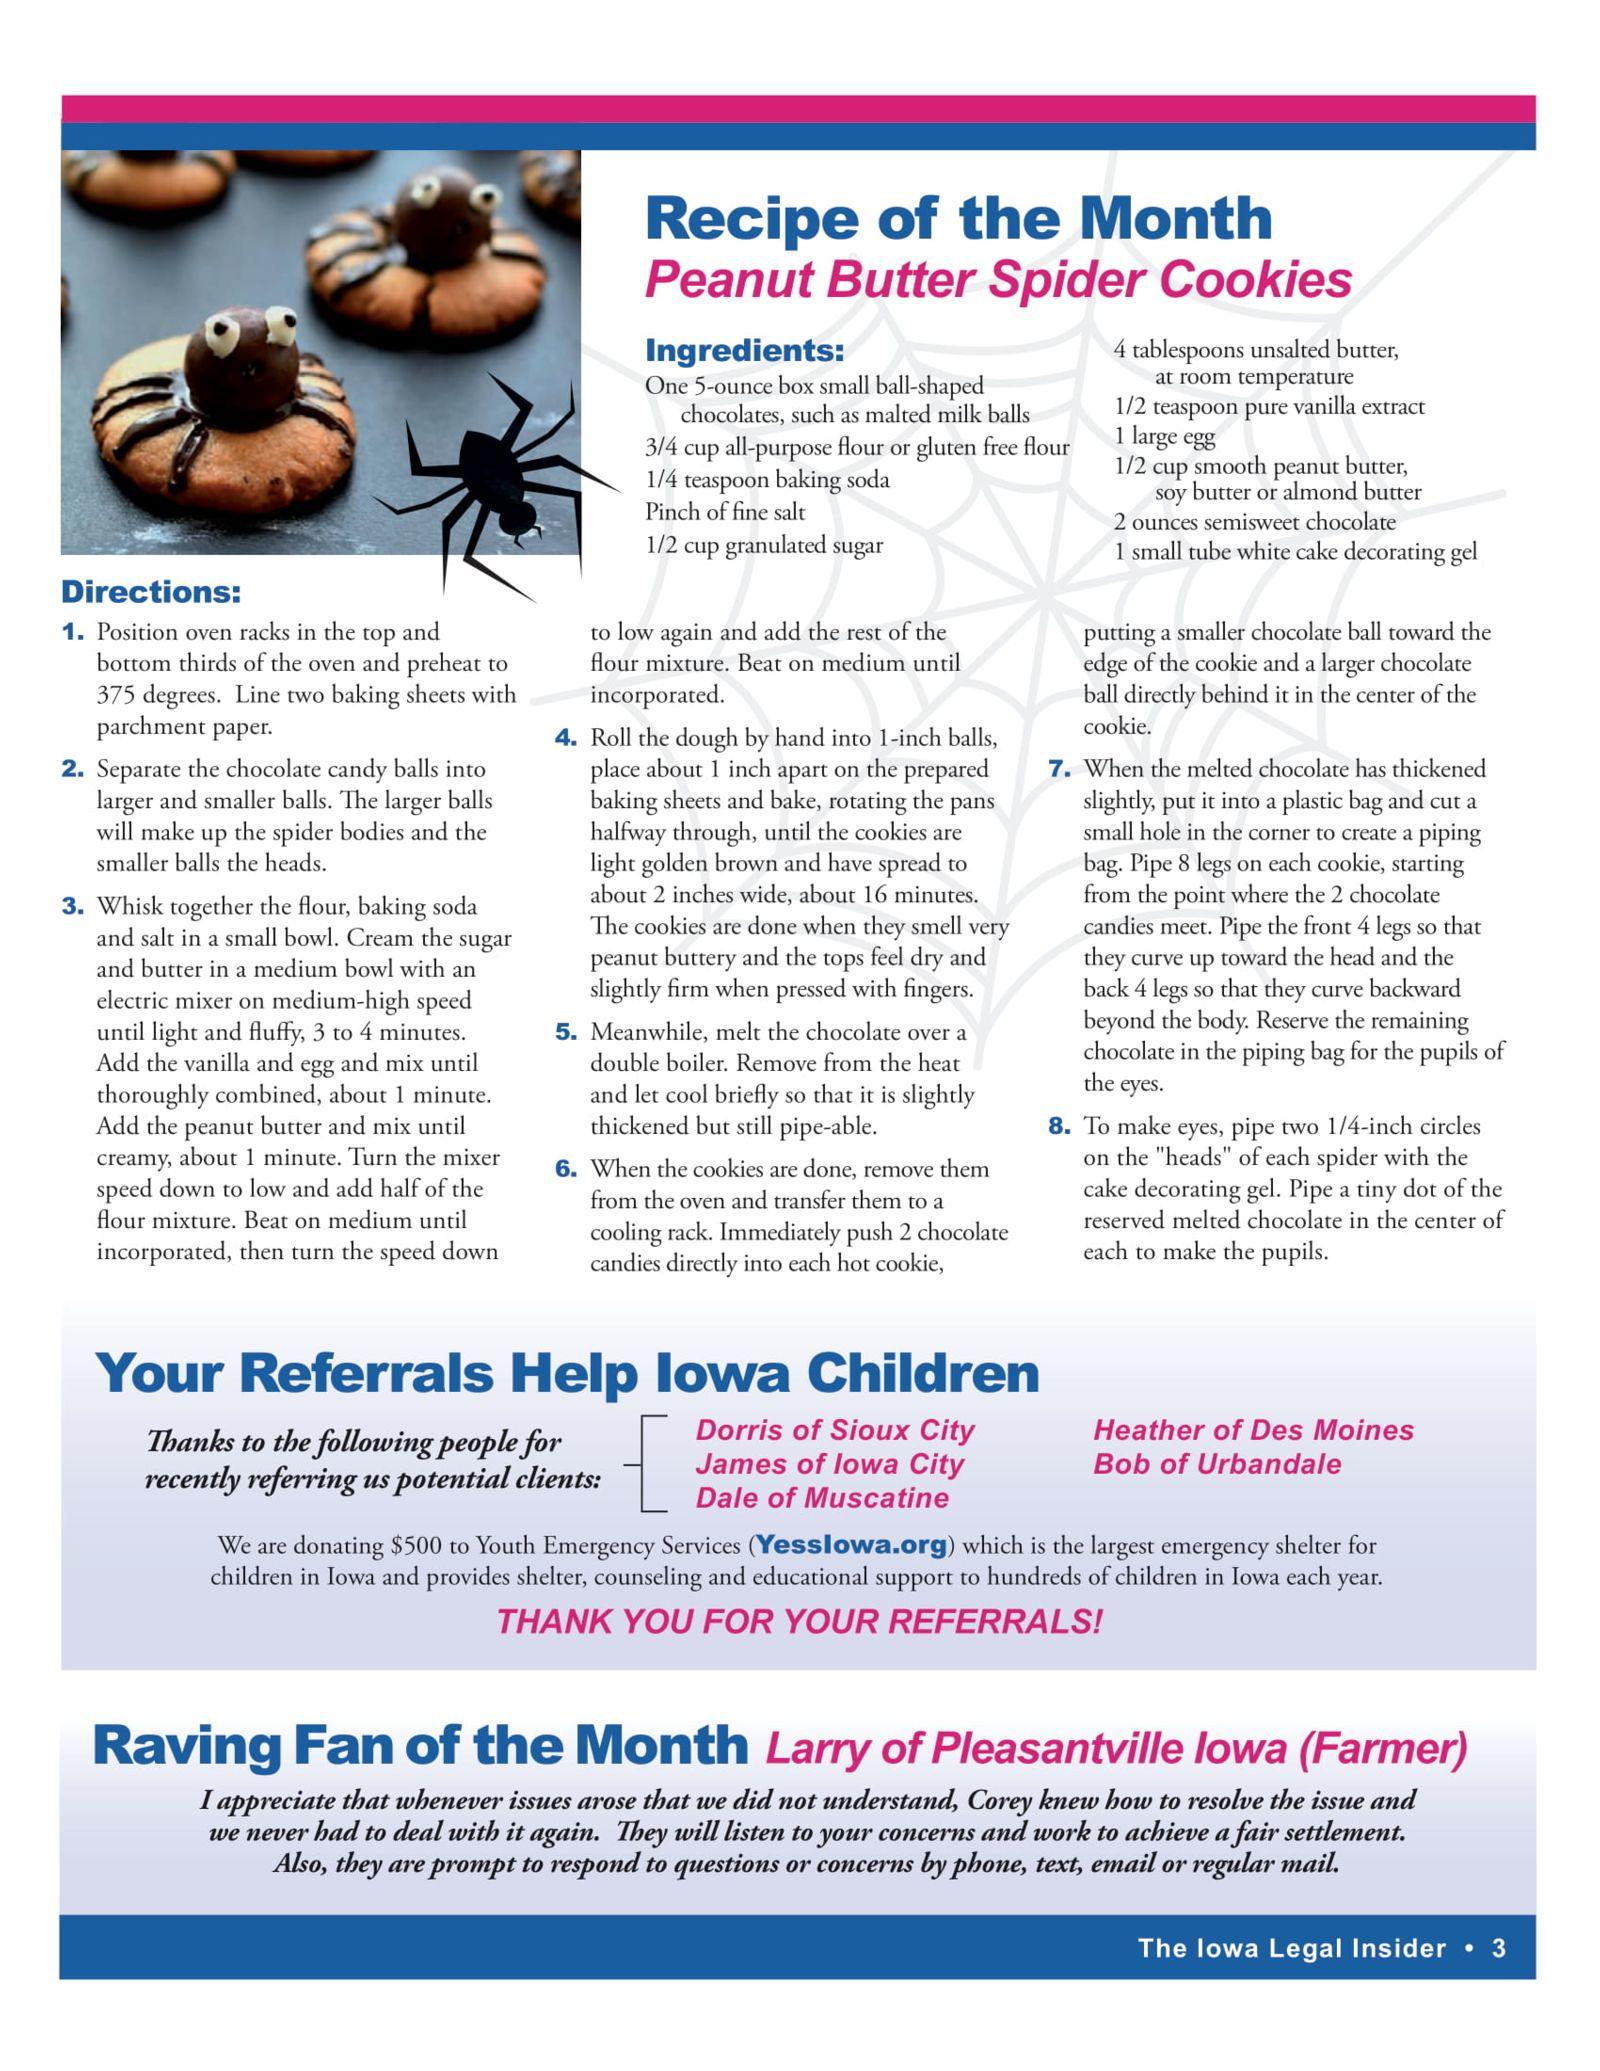 Iowa legal insider peanut butter cookies